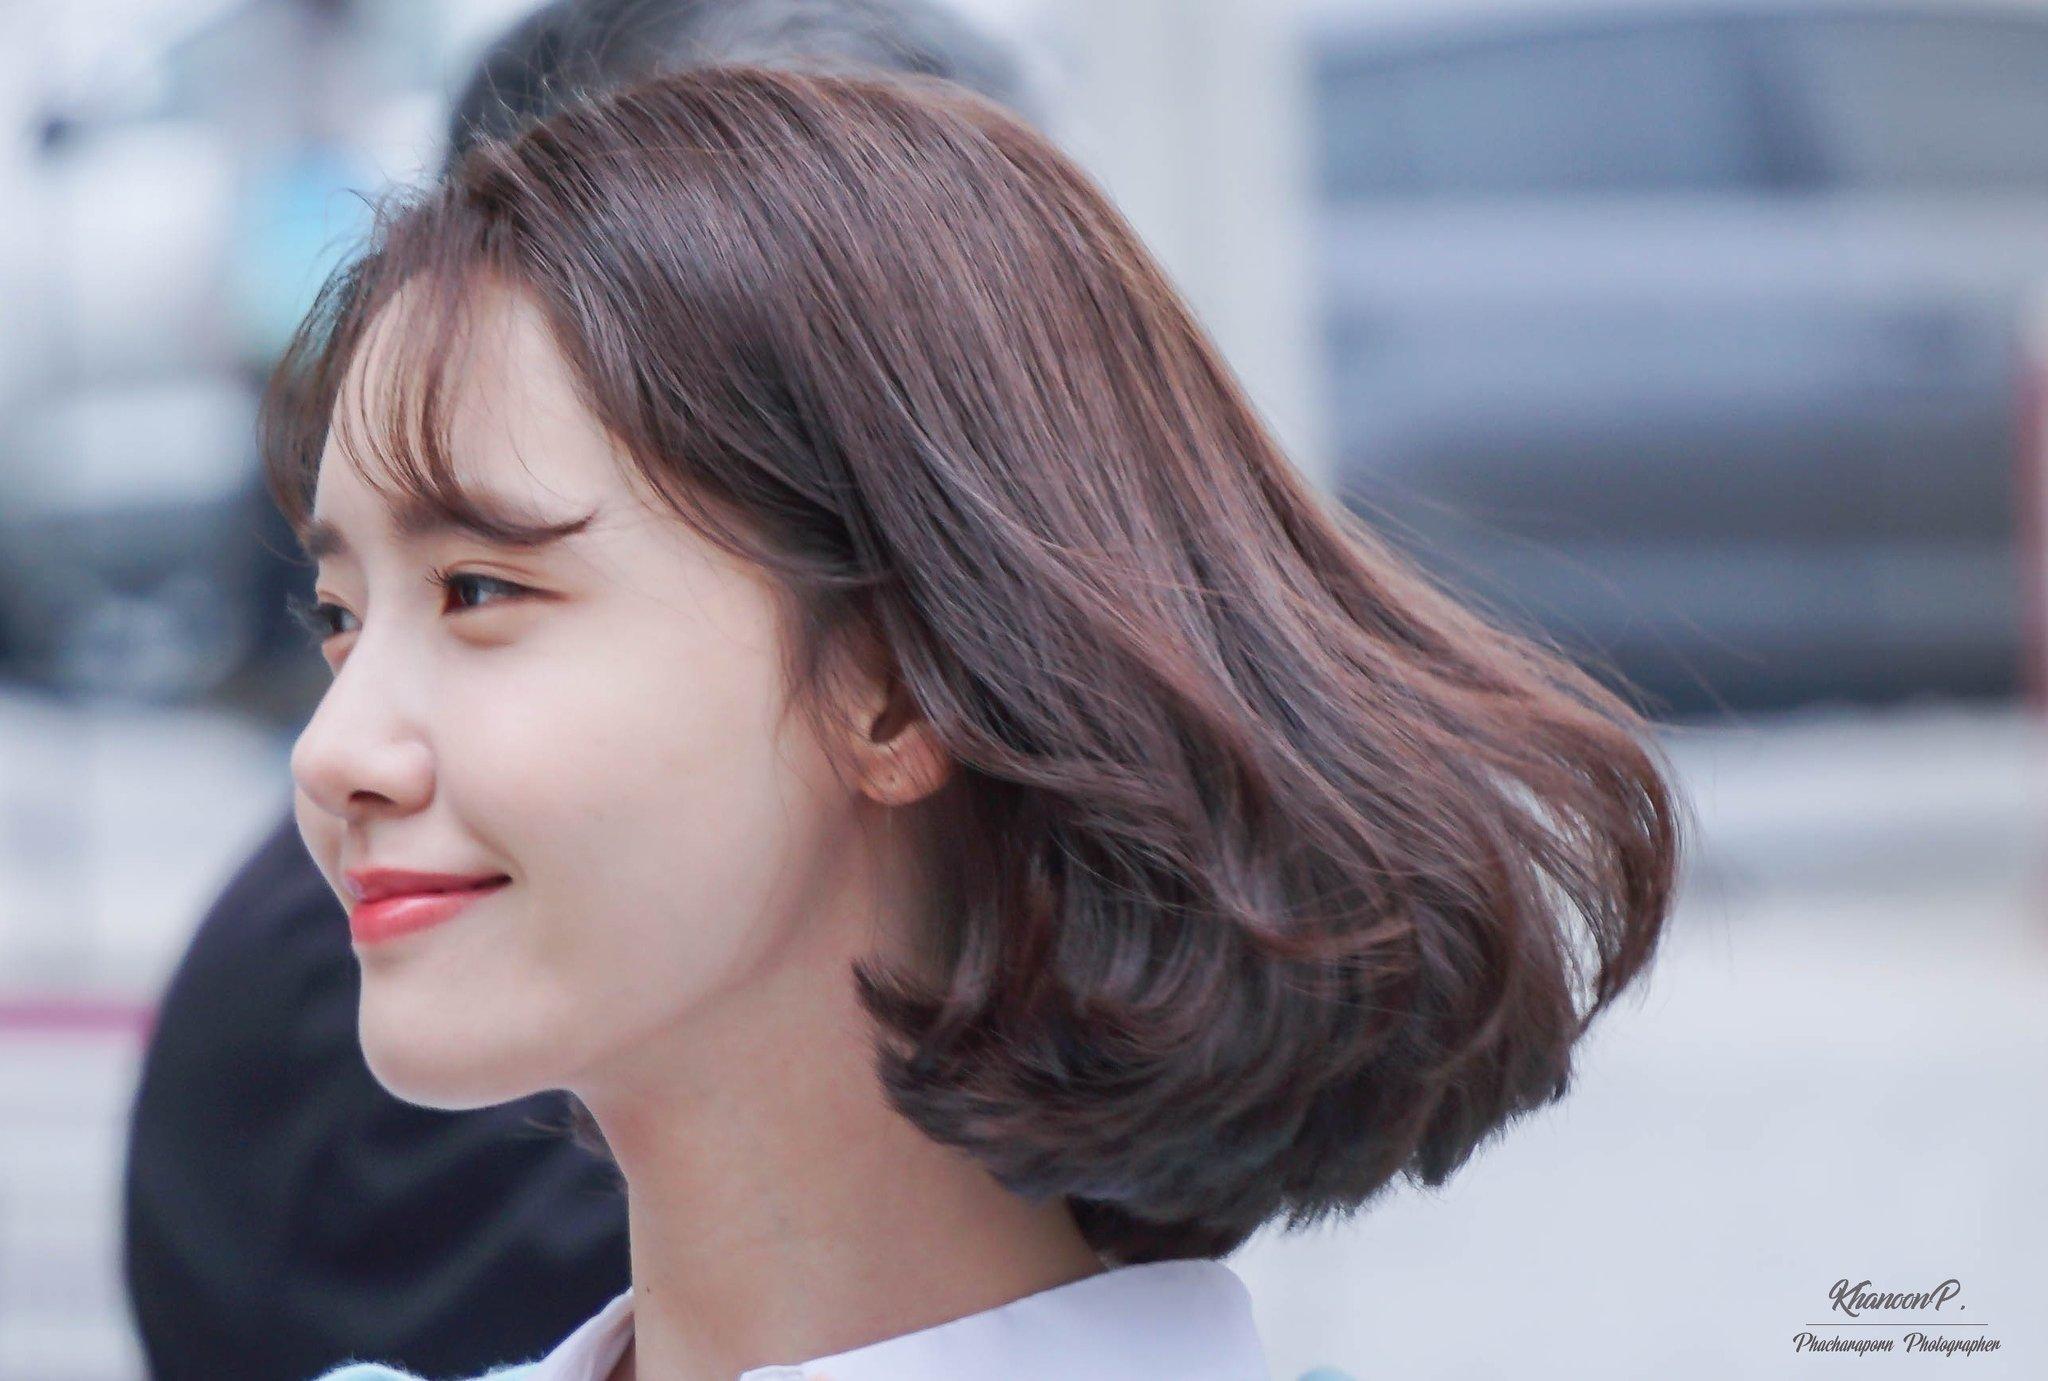 trang điểm theo phong cách Hàn Quốc, trang diem theo phong cach han quoc